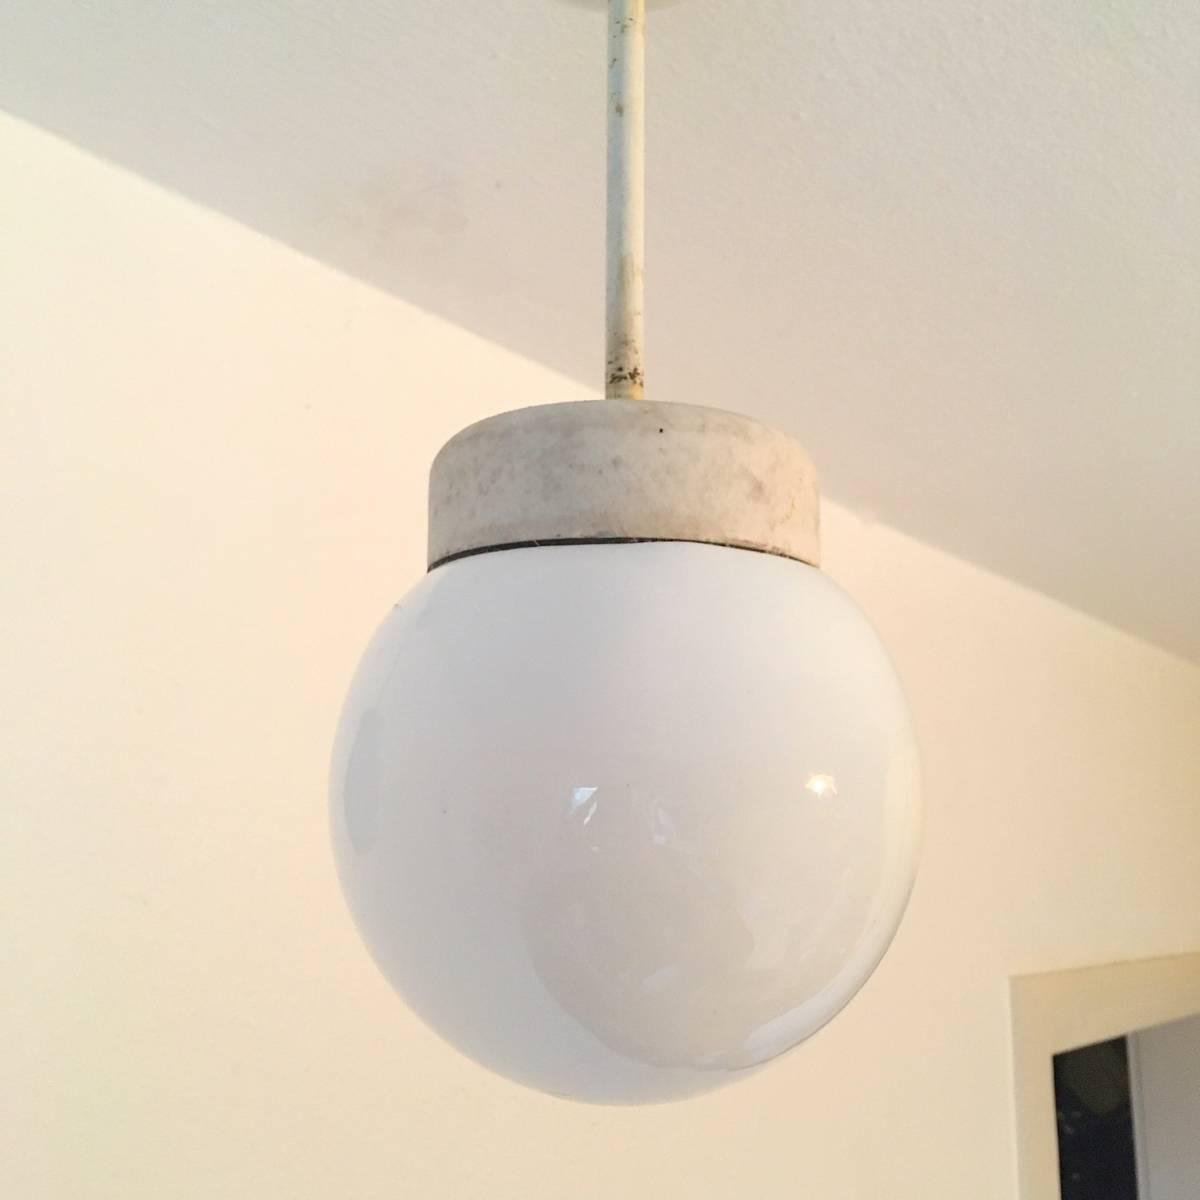 希少 ドイツ ヴィンテージ siemens 陶器 ミルクガラス ランプ 照明 真鍮 バウハウス 工業系 店舗什器 シャビー古道具 小物 家具 北欧 白_画像5